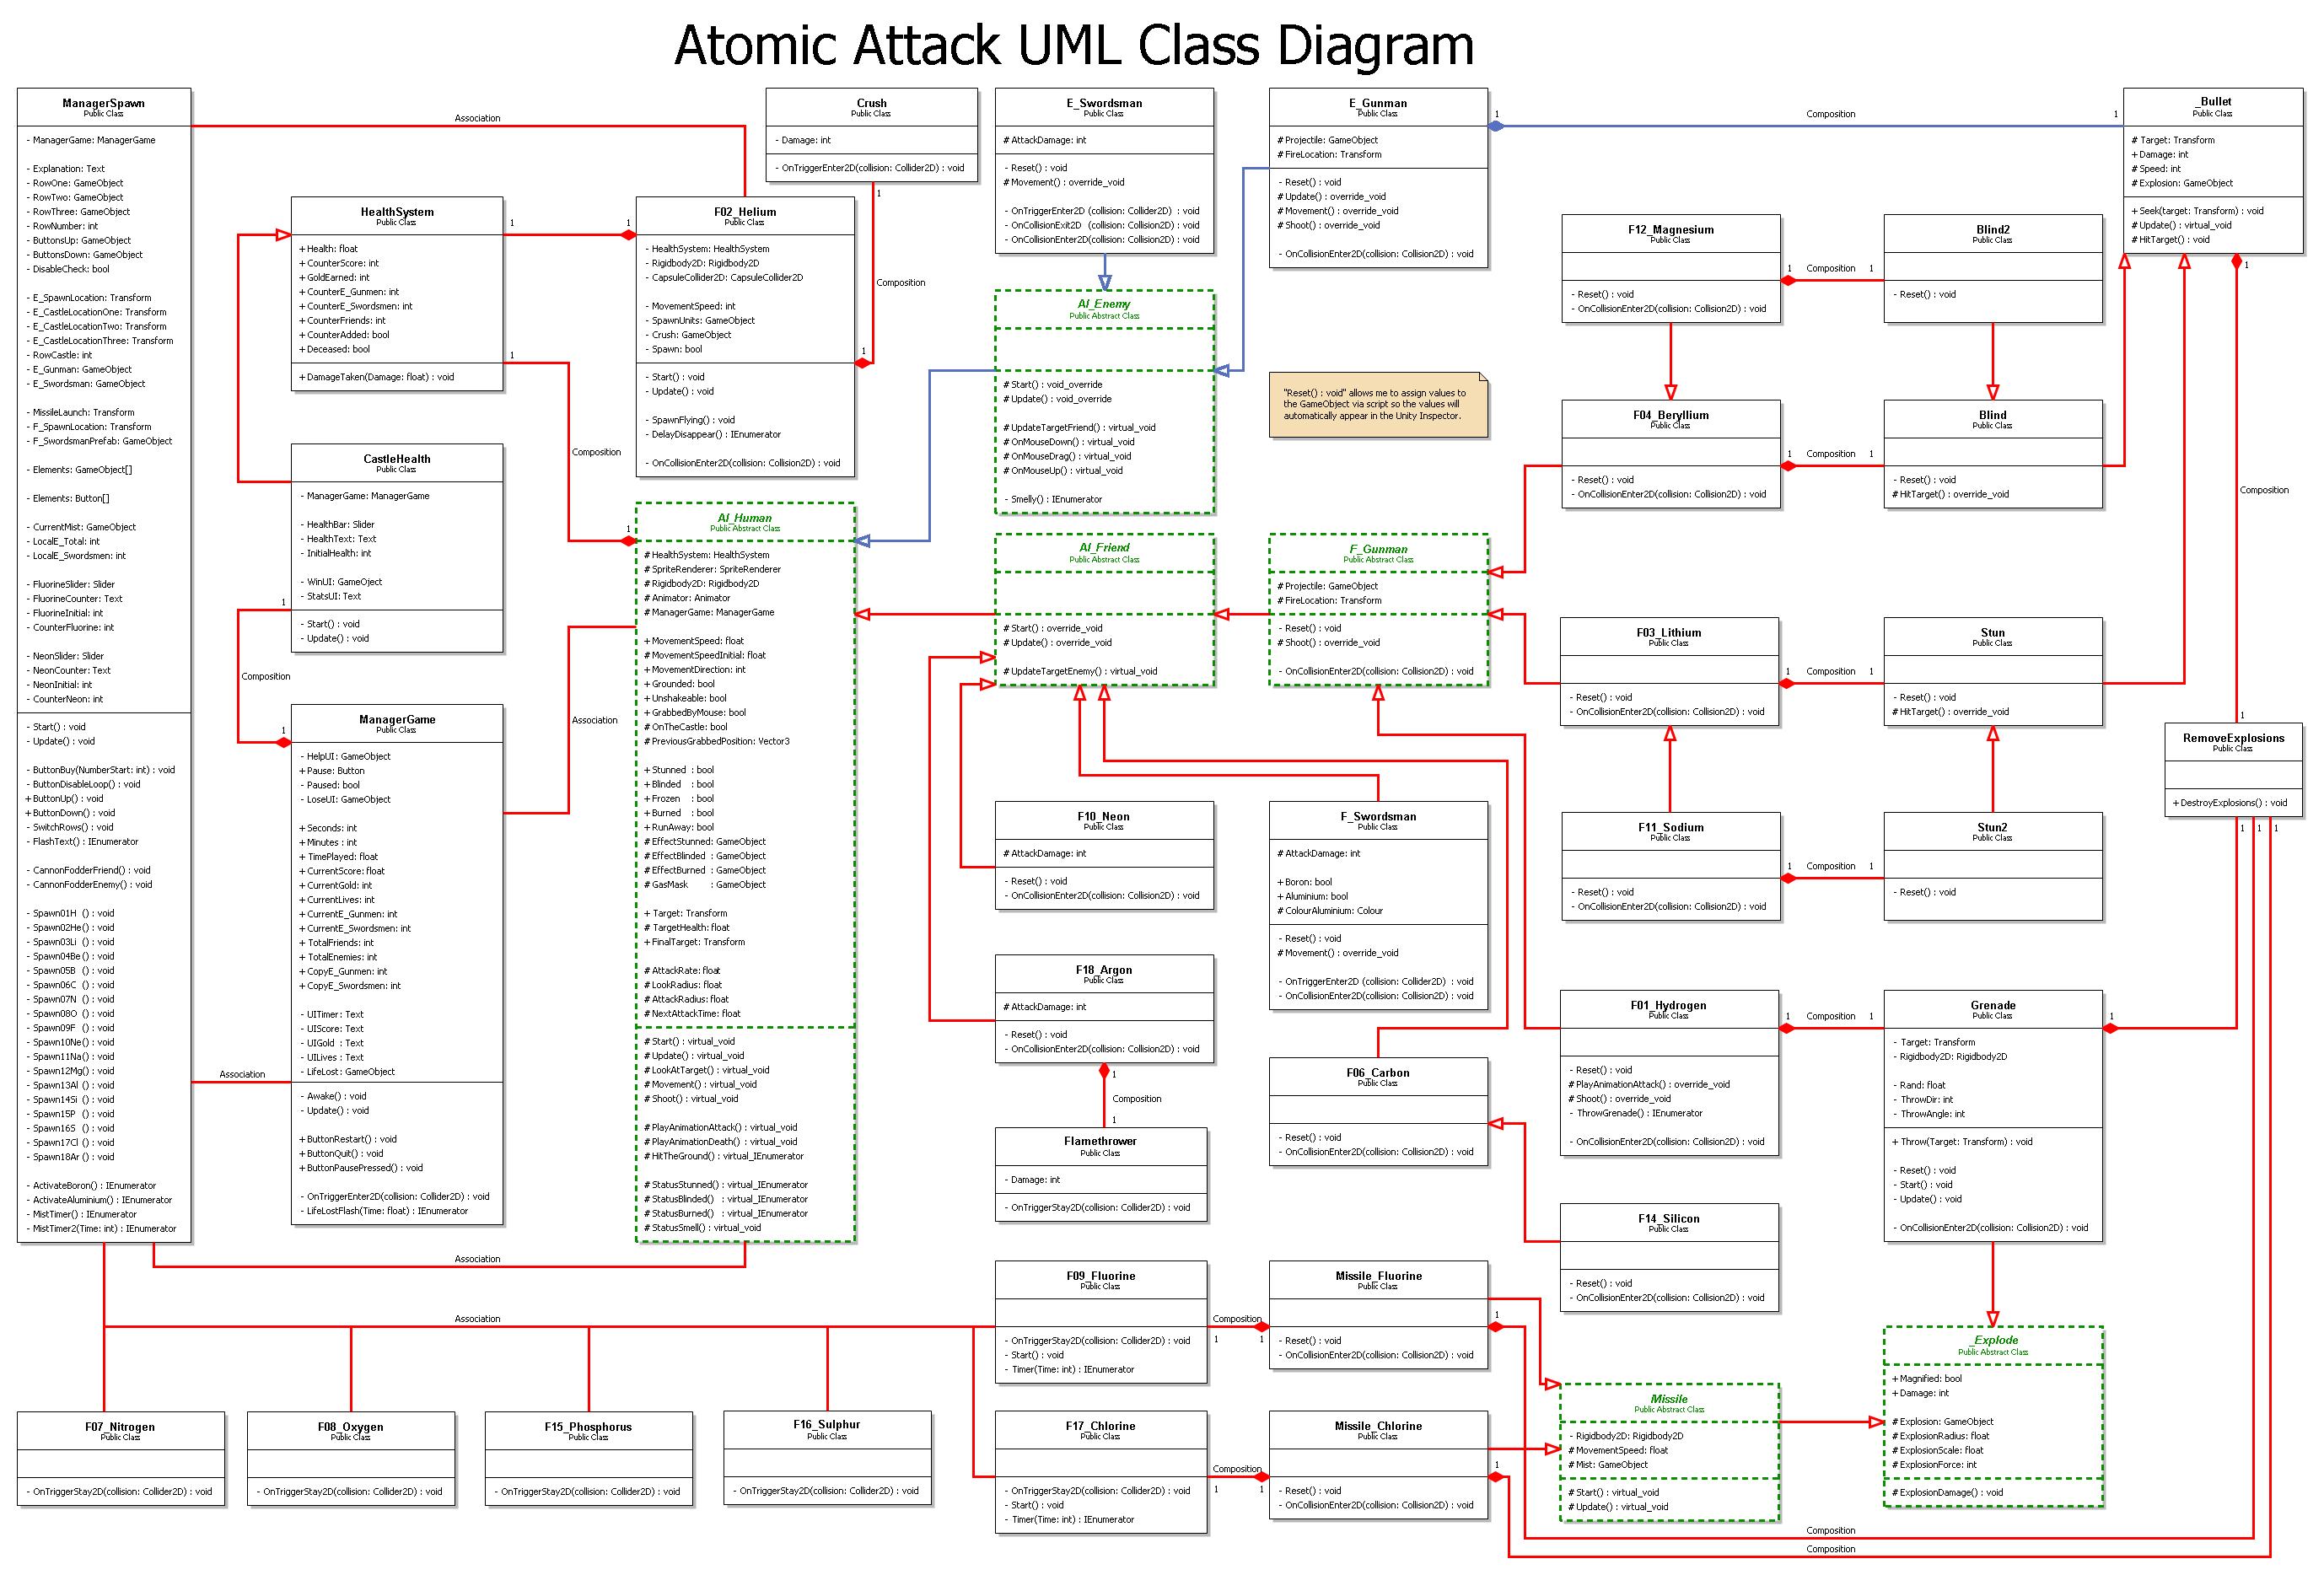 AtomicAttack UML Class Diagram